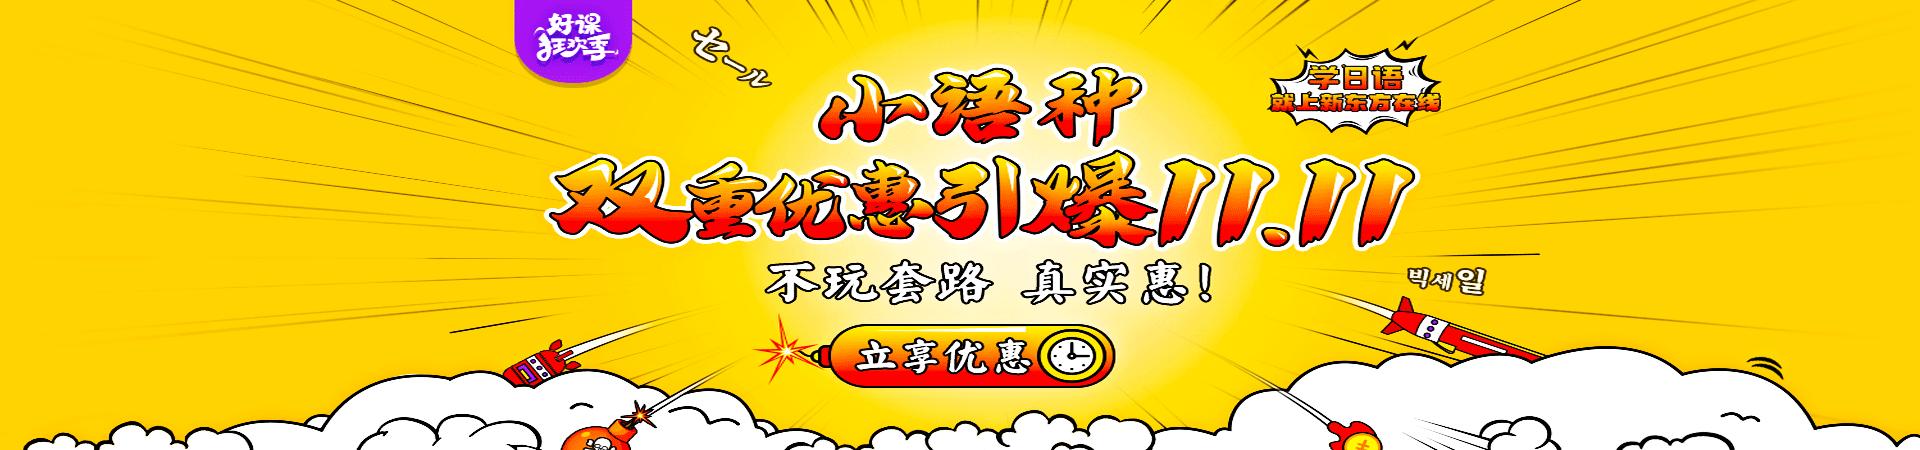 日语在线学习教程